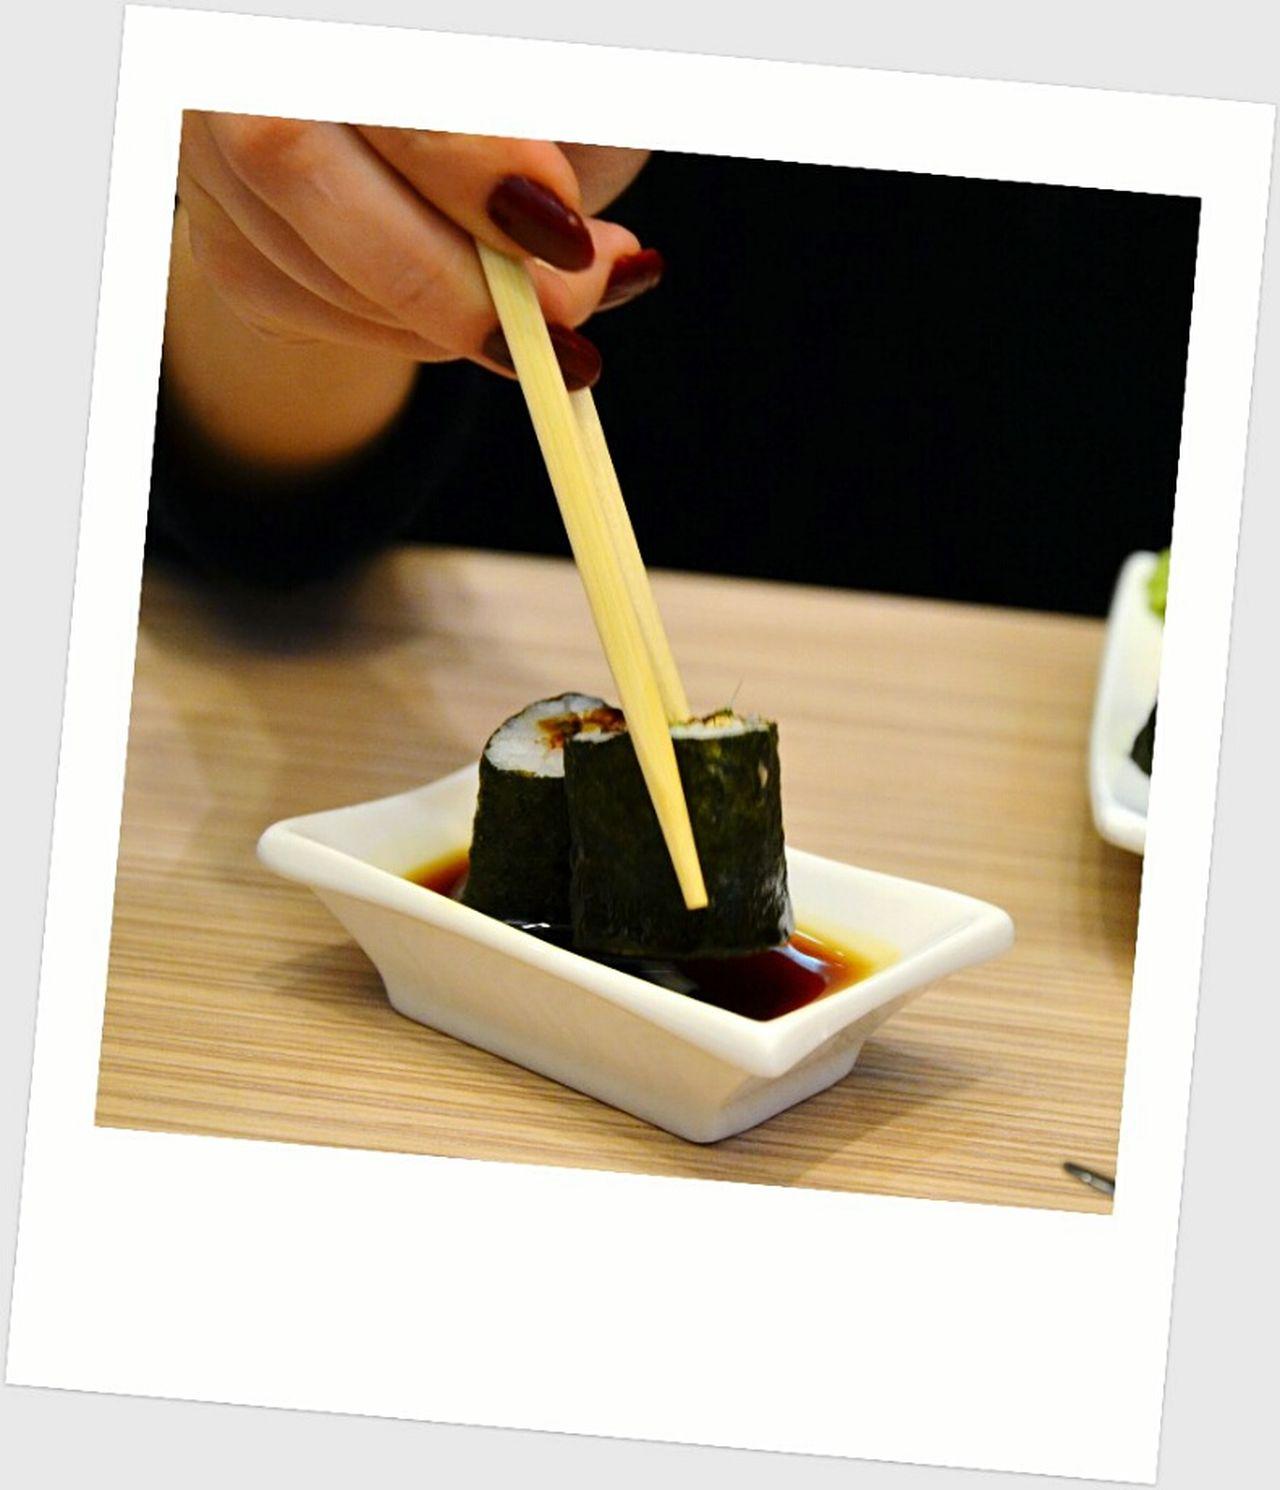 ресторан  кафе Суши Роллы Еда макро